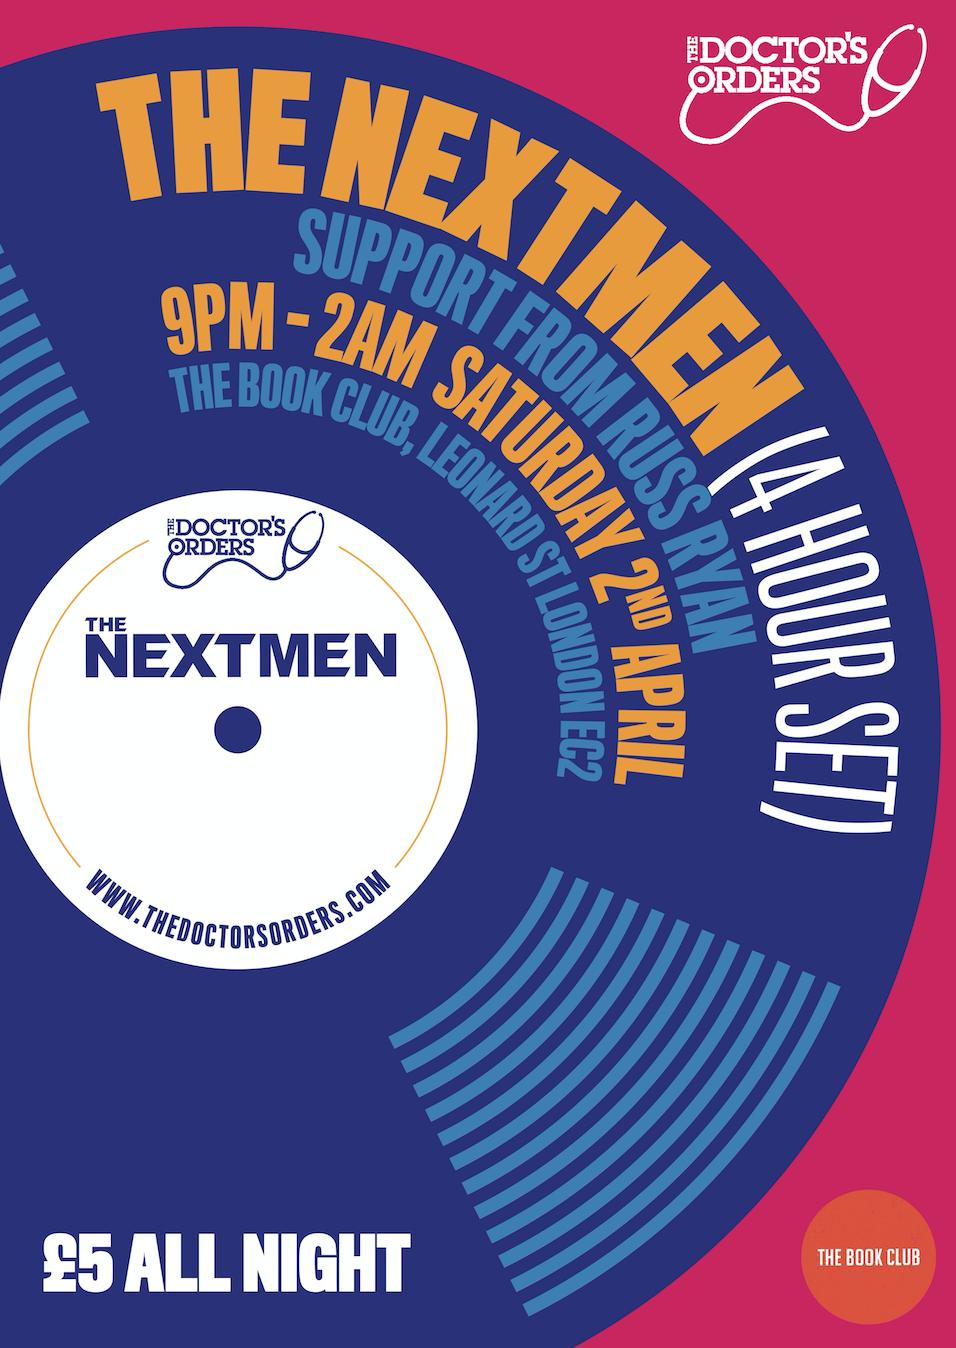 NextmenWeb